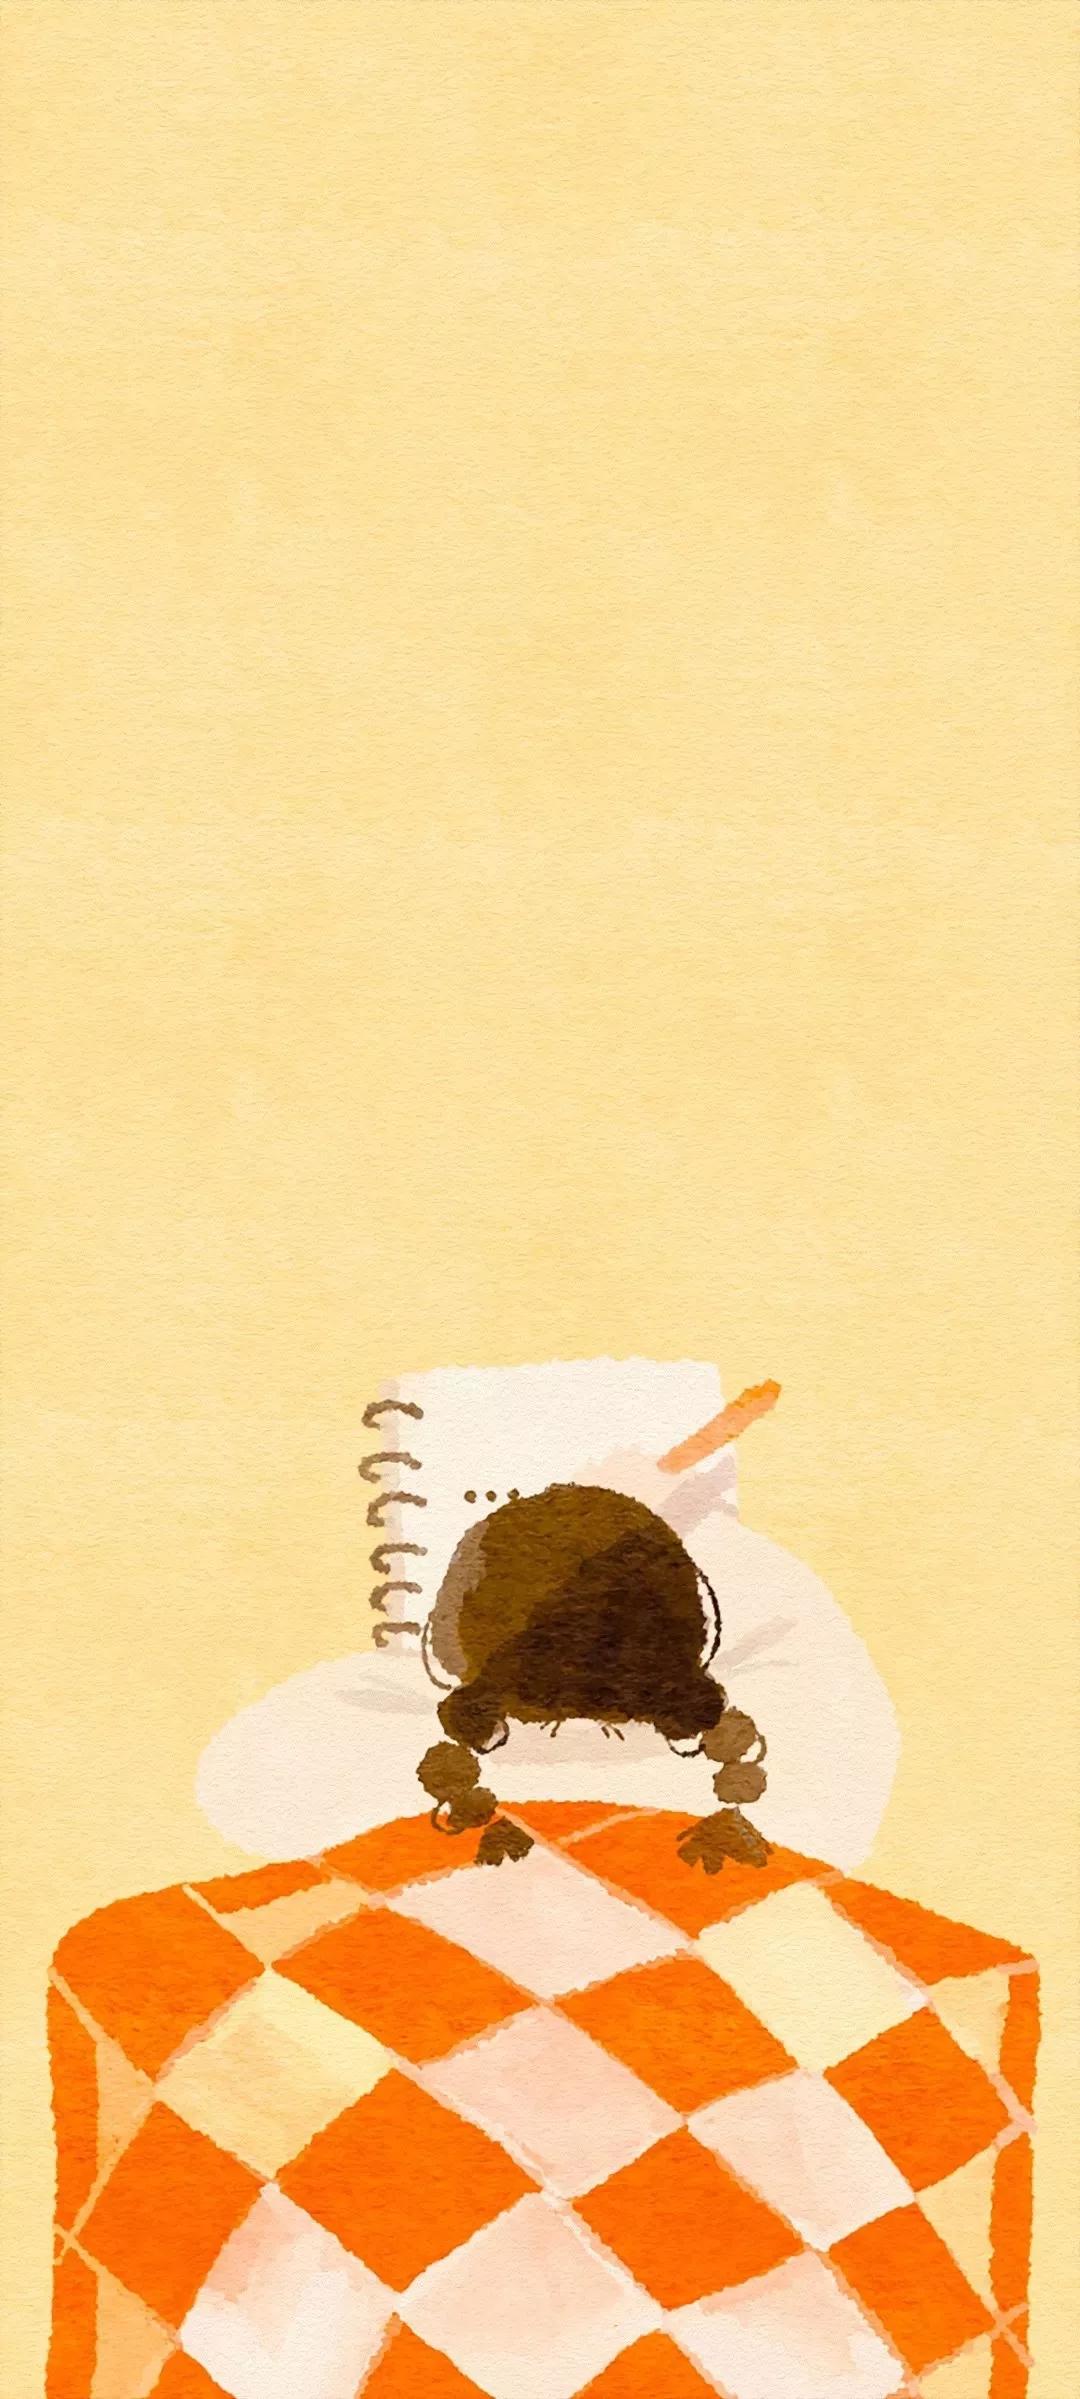 抖音精选壁纸,多图高清无水印,总有一款是你喜欢的